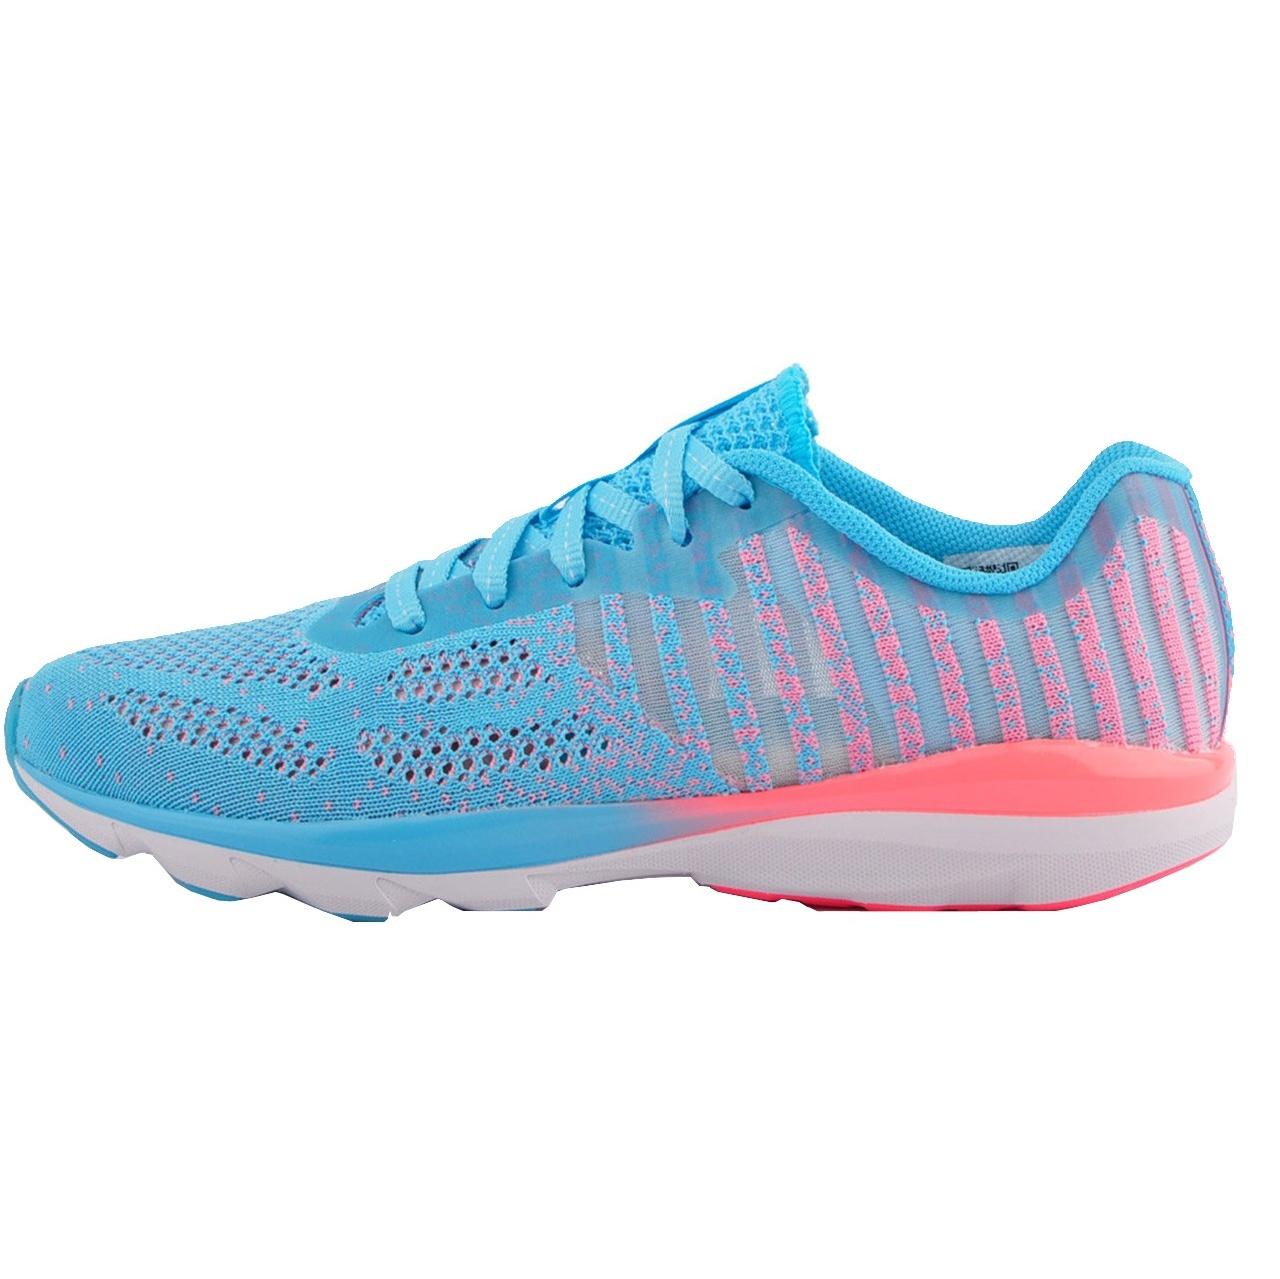 کفش مخصوص دویدن  زنانه لی نینگ مدل Ultra Light 13